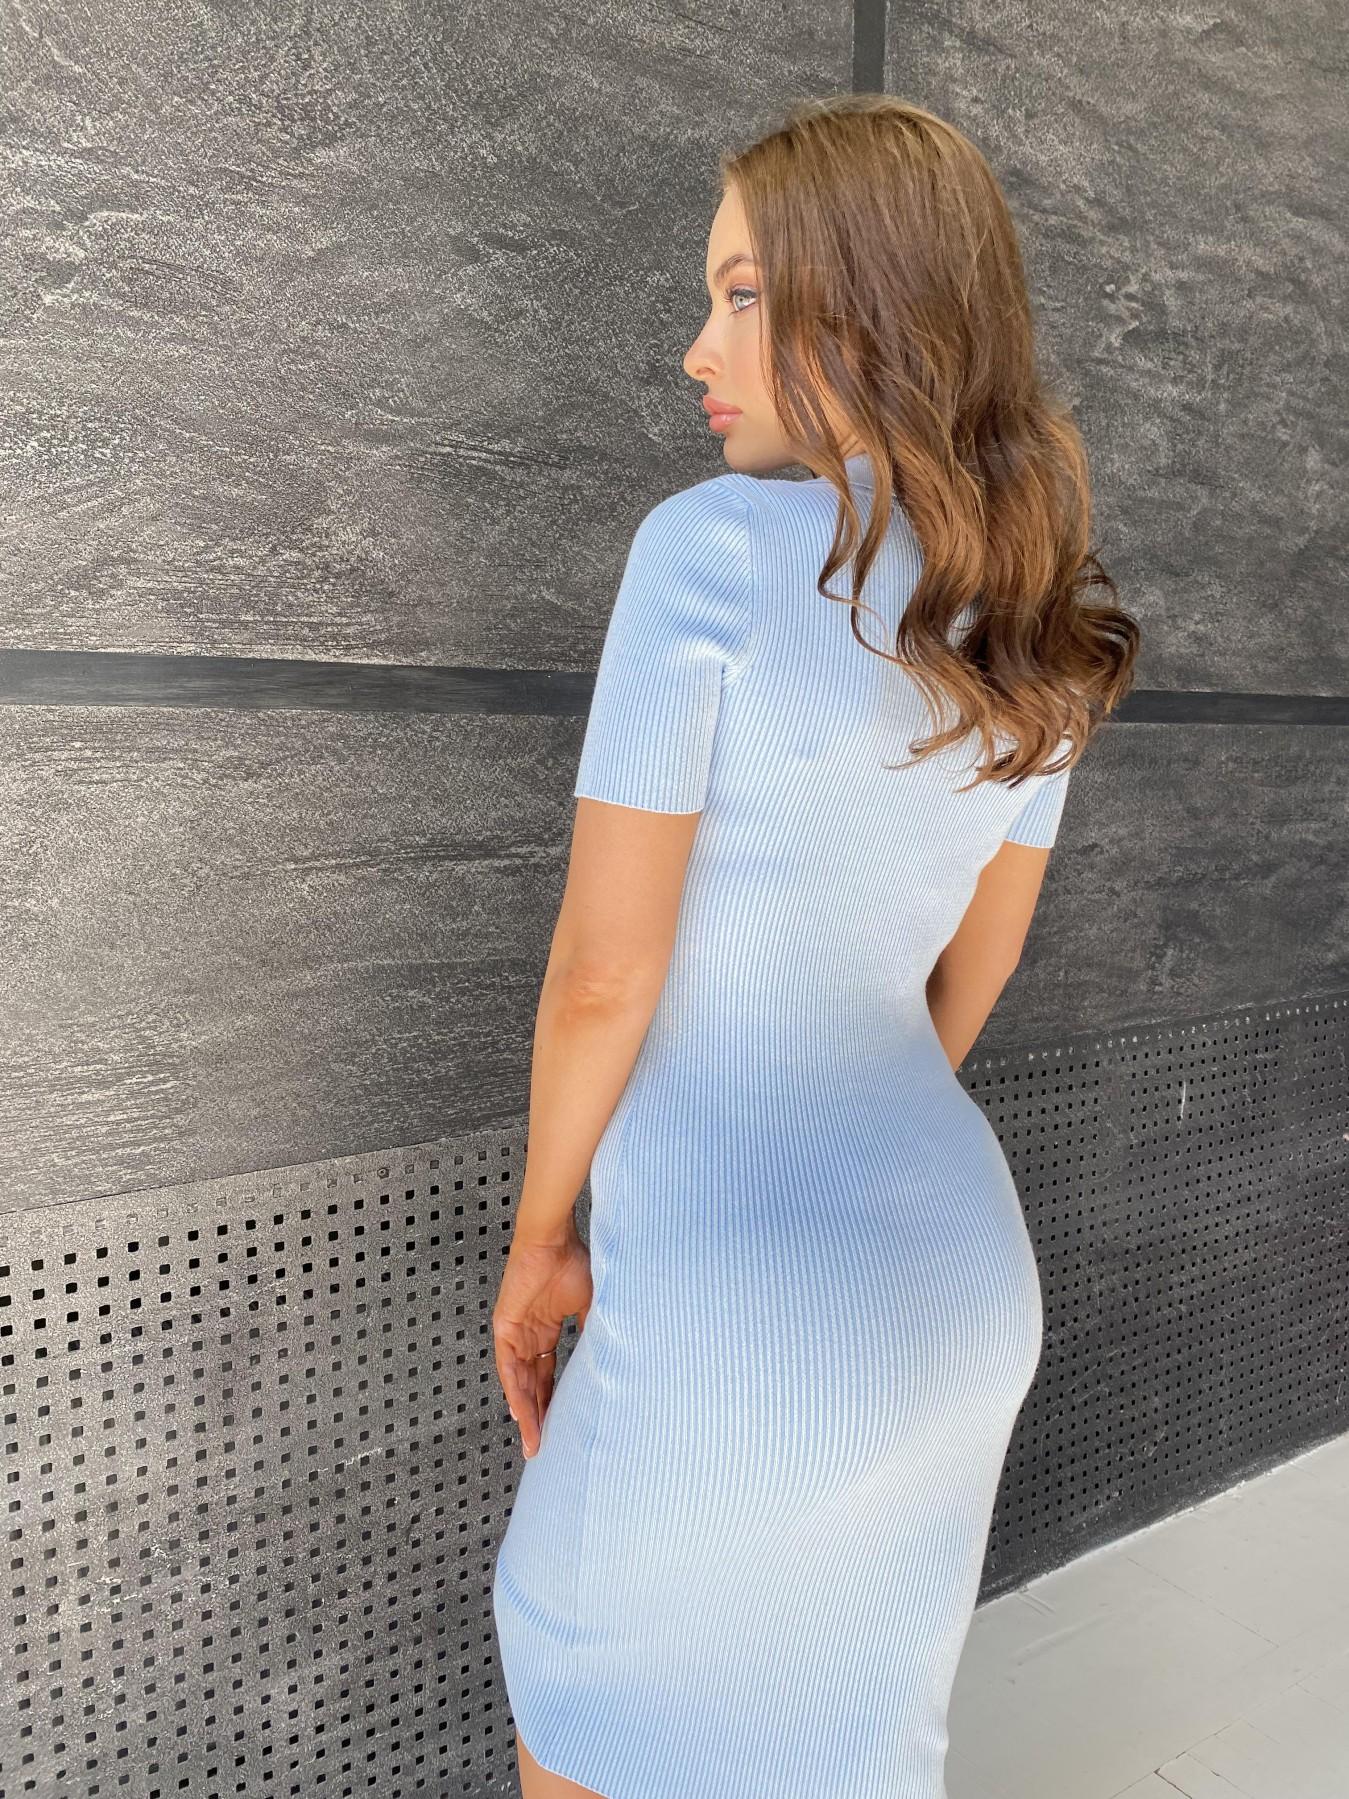 Платье воротник 91688 АРТ. 48067 Цвет: Голубой меланж - фото 2, интернет магазин tm-modus.ru